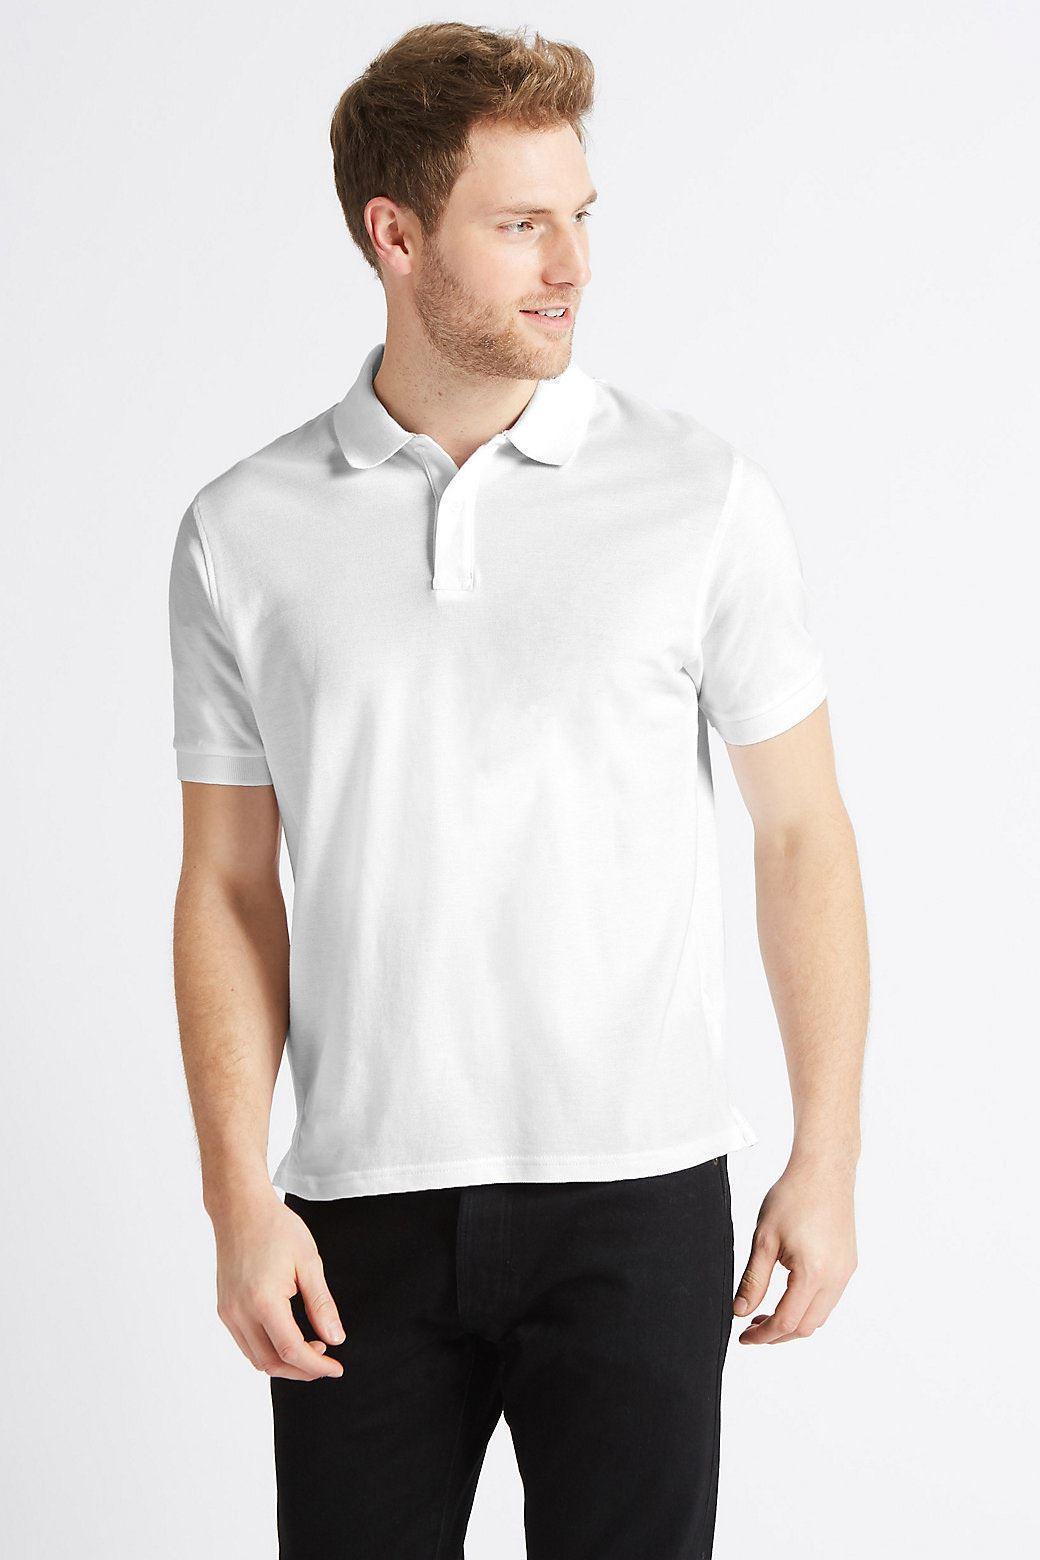 Marks-amp-Spencer-Camisa-Polo-Para-Hombre-Algodon-Clasico-M-amp-S-todos-los-colores-y-tamanos-de miniatura 25